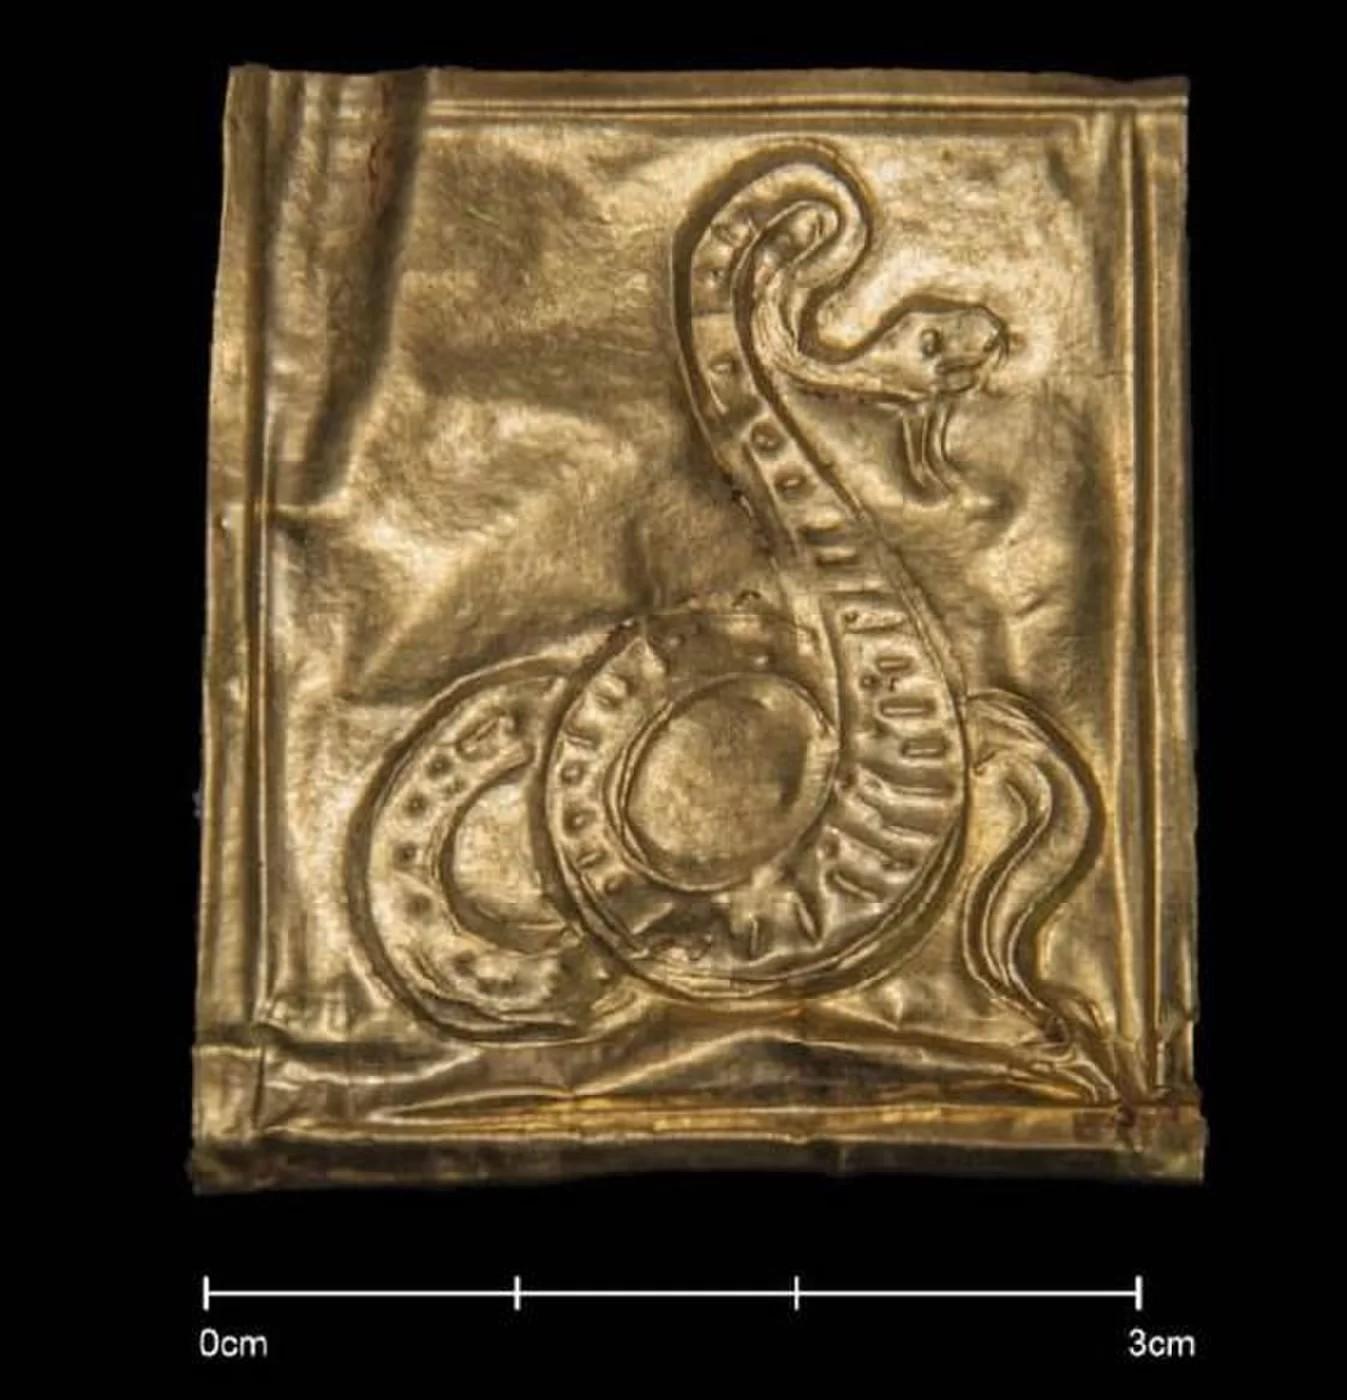 Uma das ilustrações mostra uma cobra, que é vista por muitos como representação de renascimento (Foto: Ministério de Antiguidades do Egito)